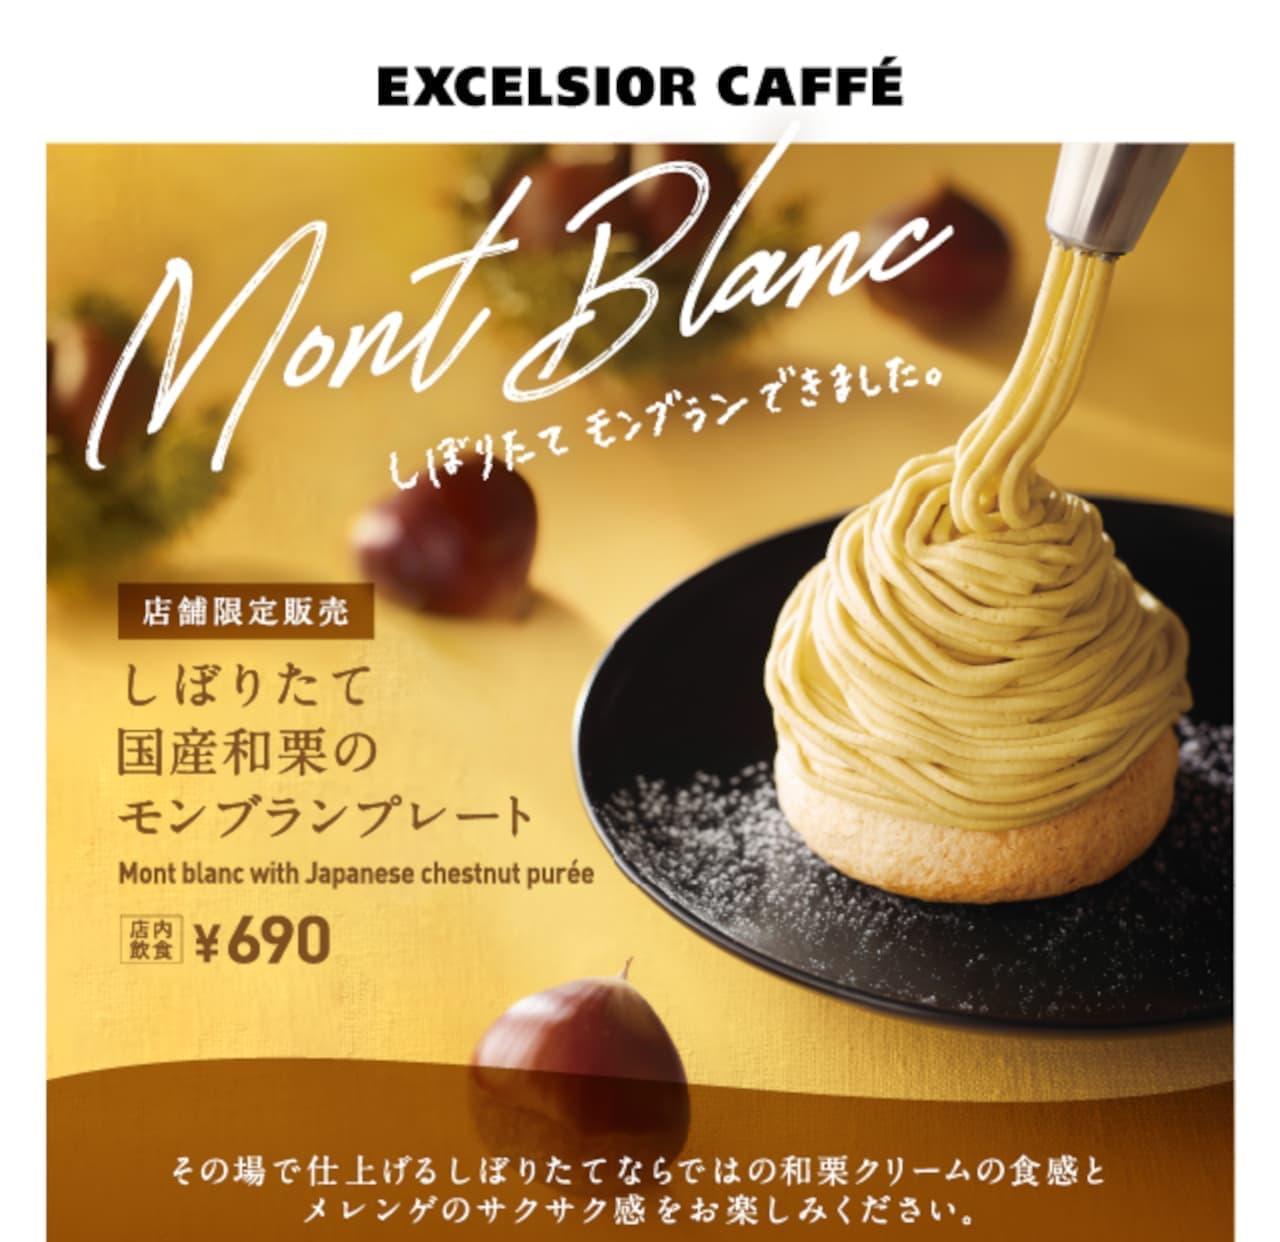 エクセルシオール カフェ「しぼりたて国産和栗のモンブランプレート」